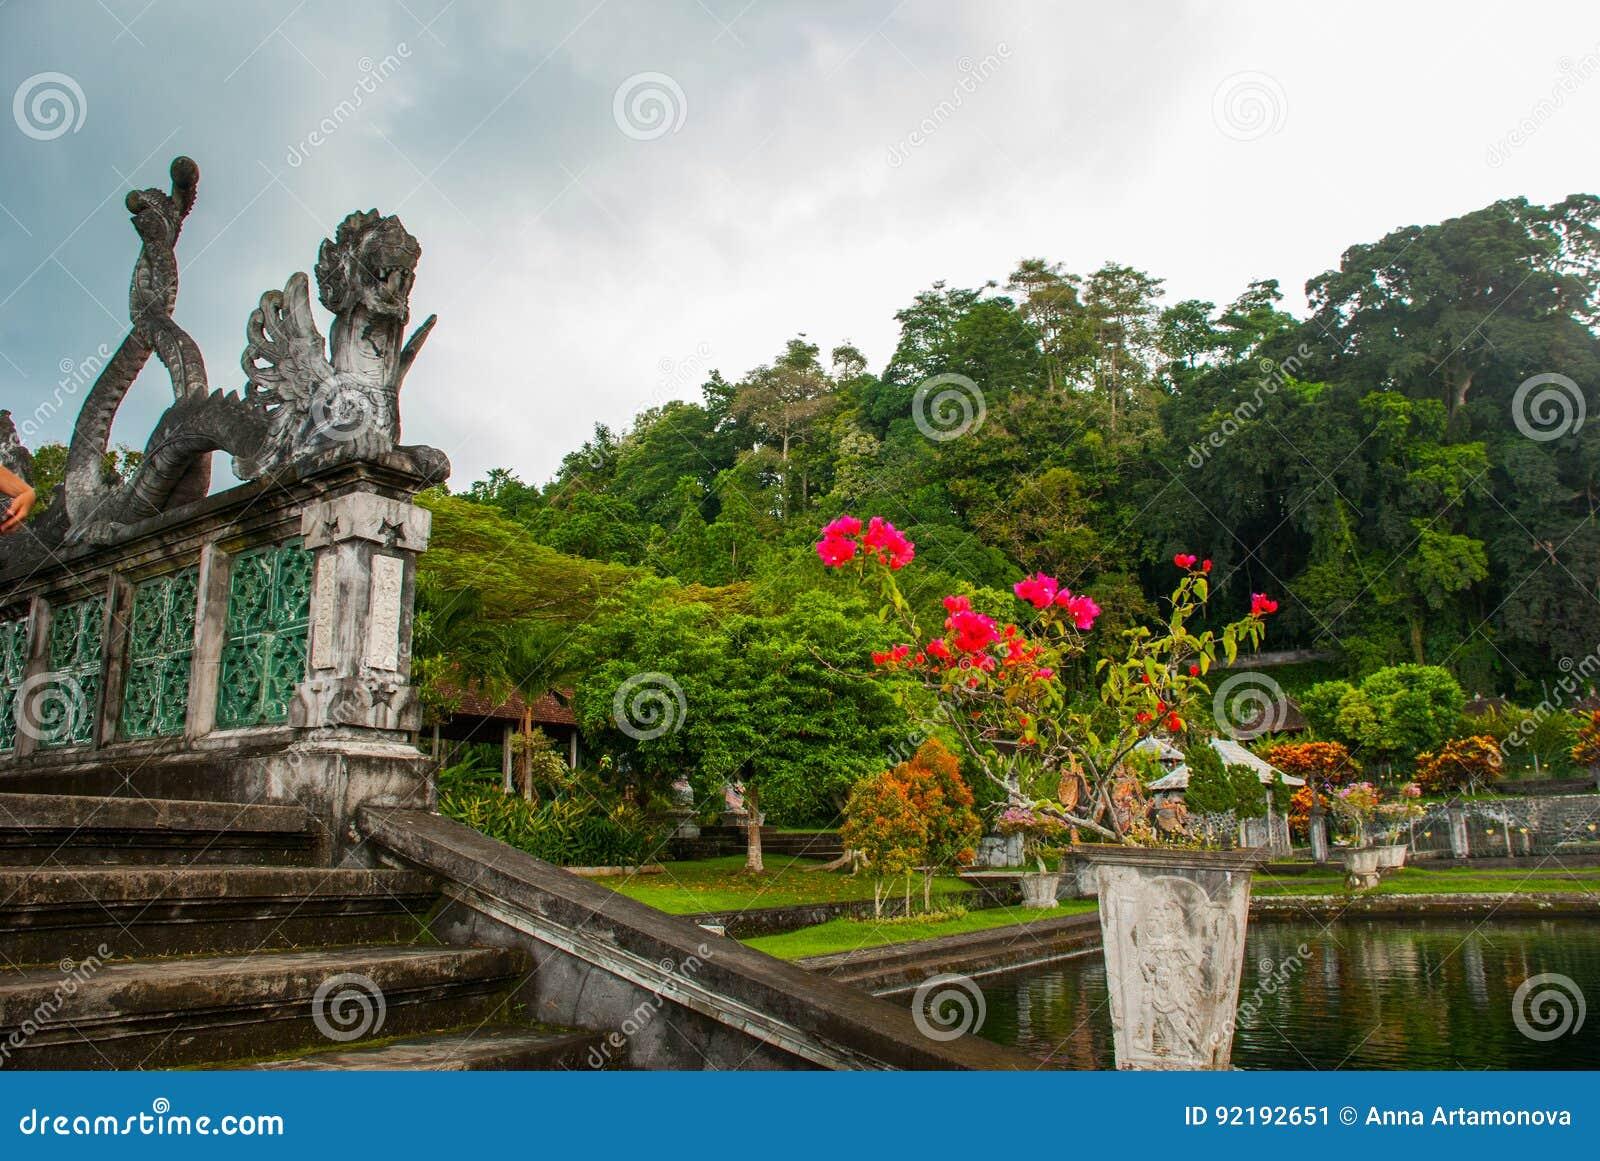 En konstgjord bro med fyra statyer av drakar med vridna svansar, Tirta Gangga parkerar, Karangasem, Bali, Indonesien